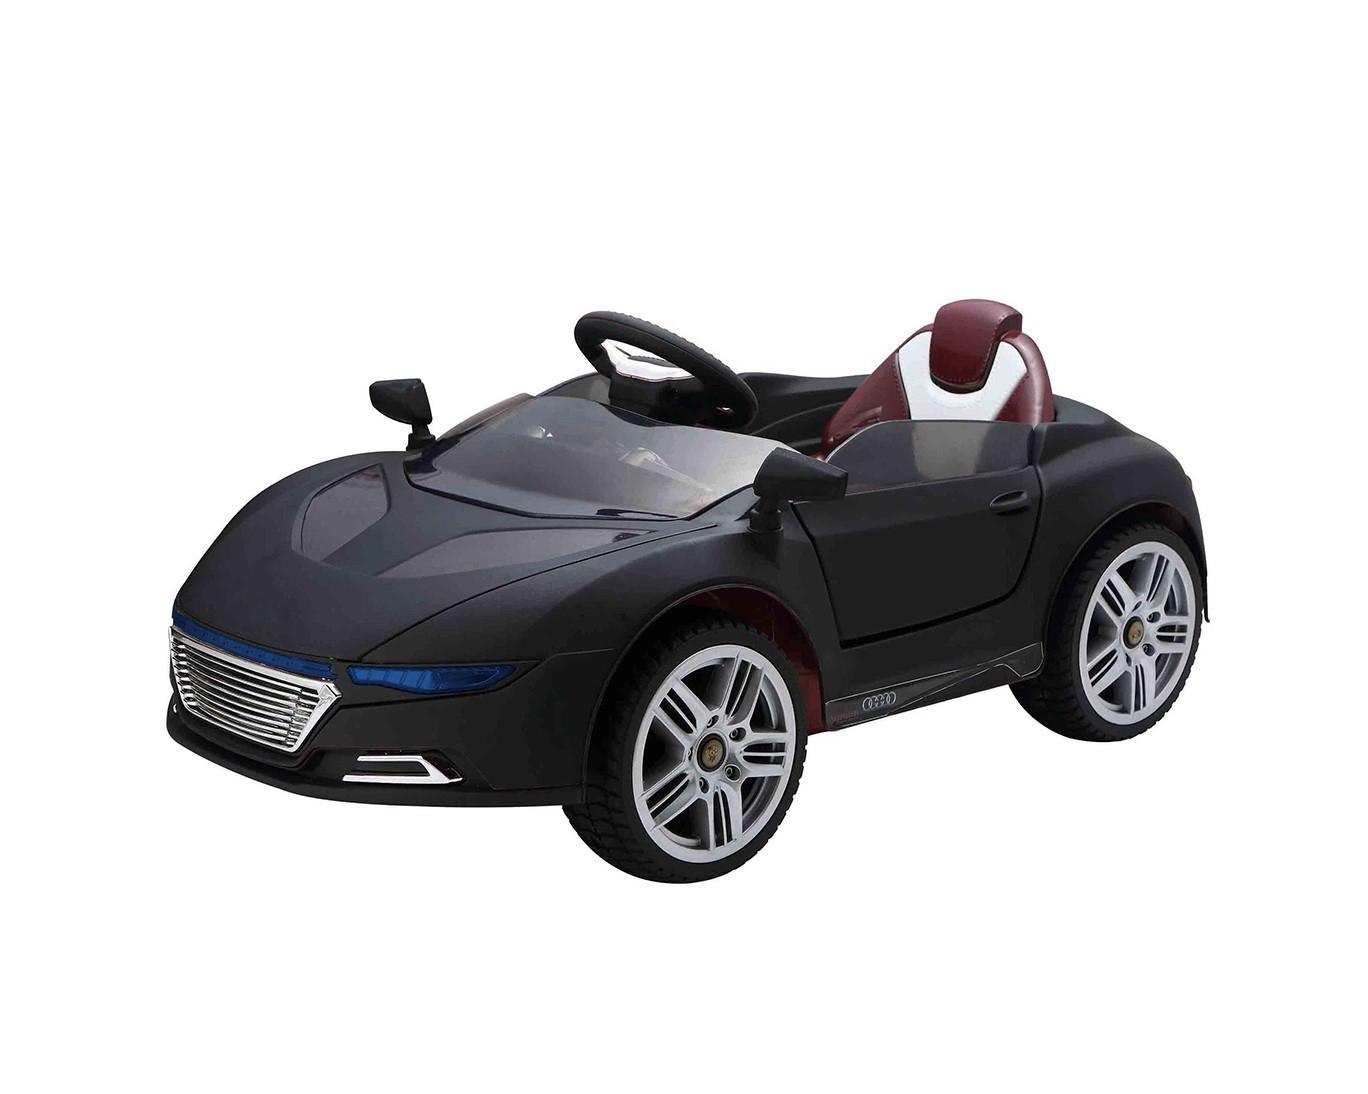 Ηλεκτροκίνητο Αυτοκίνητο A228 Black 6V Moni